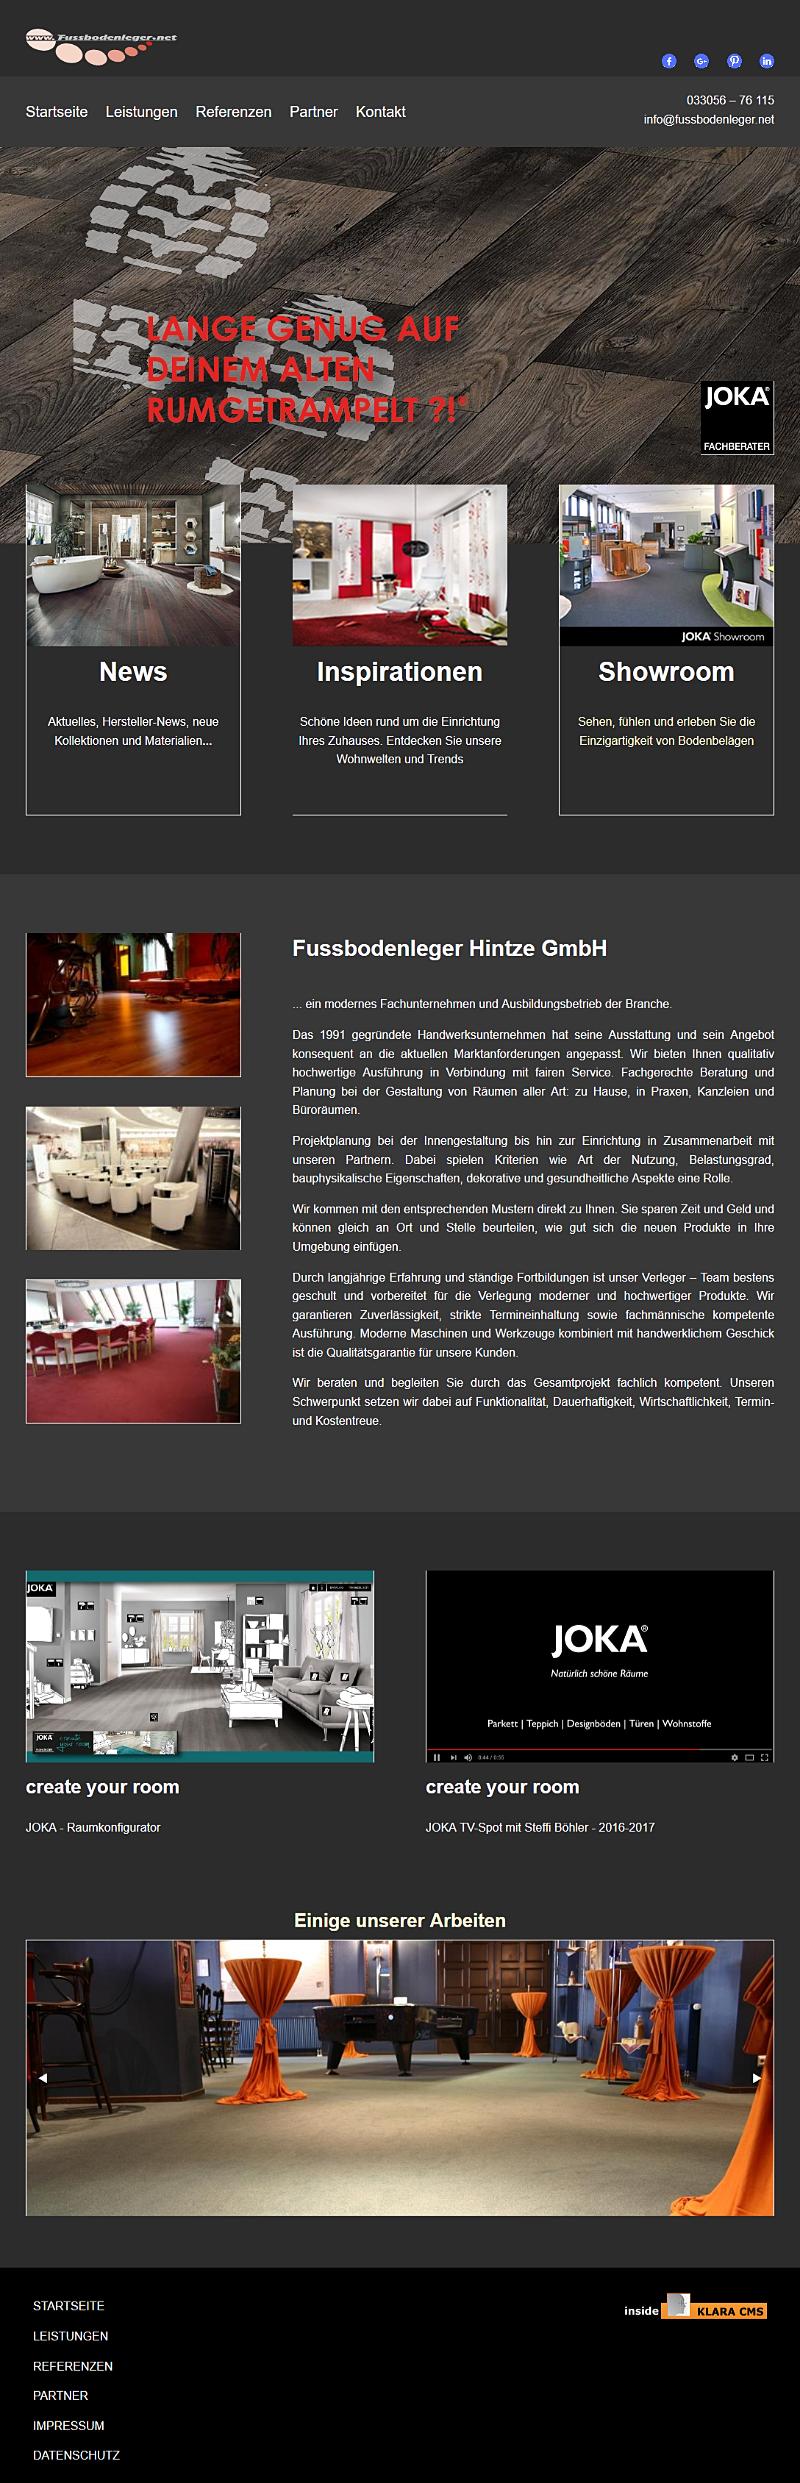 Fussbodenleger Hintze GmbH